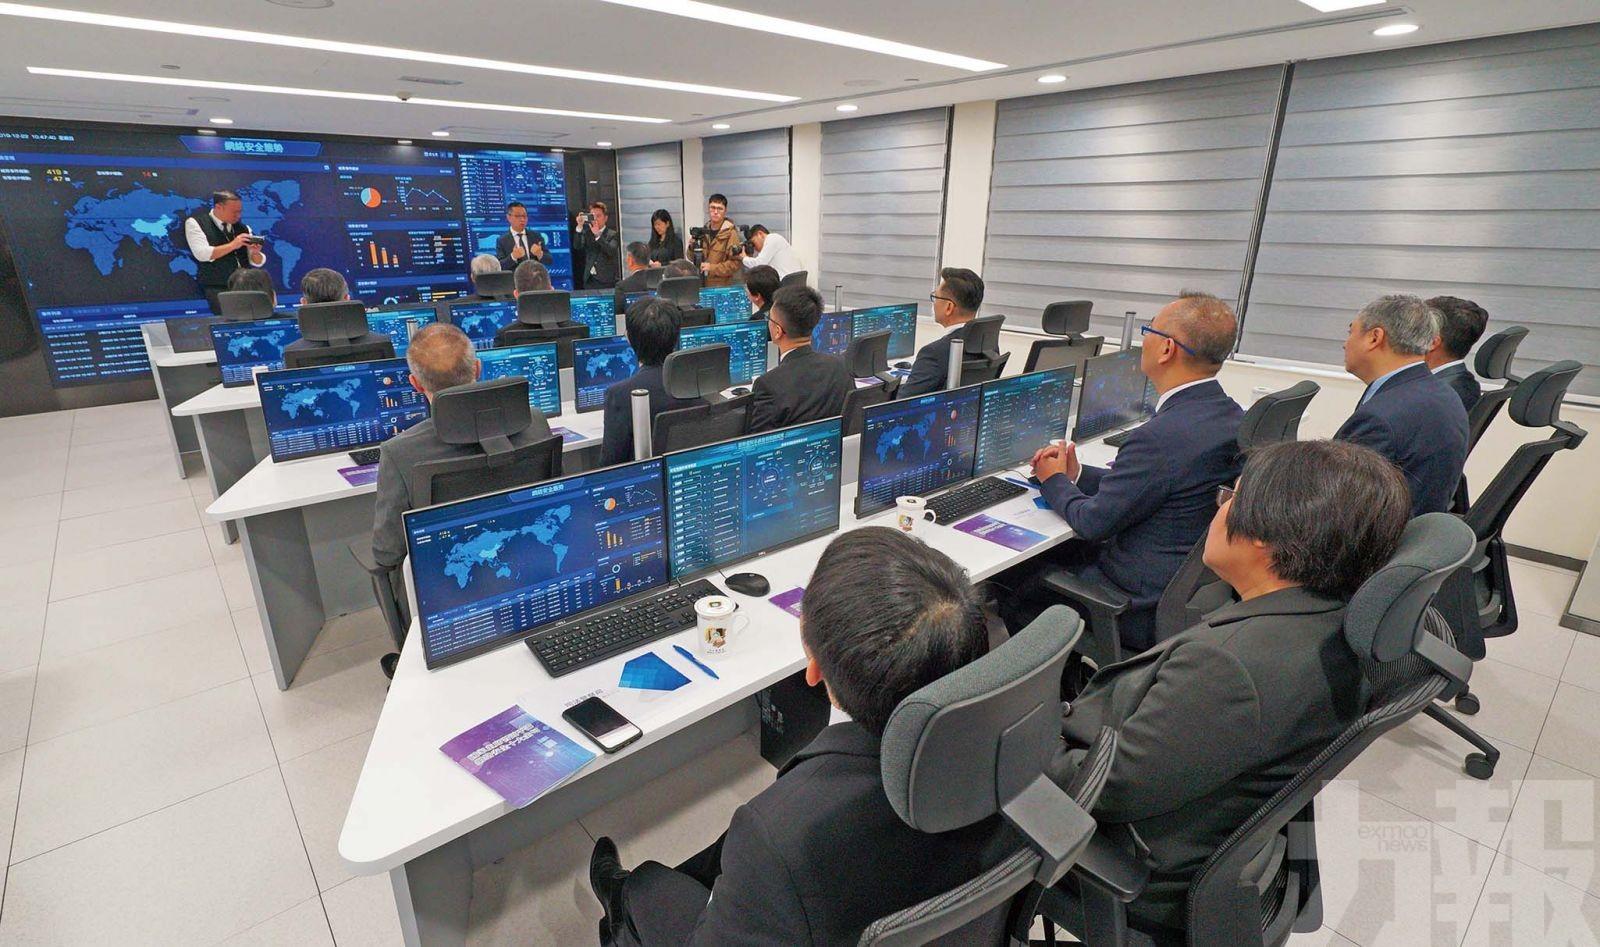 賀一誠:以國安高度重視網安建設